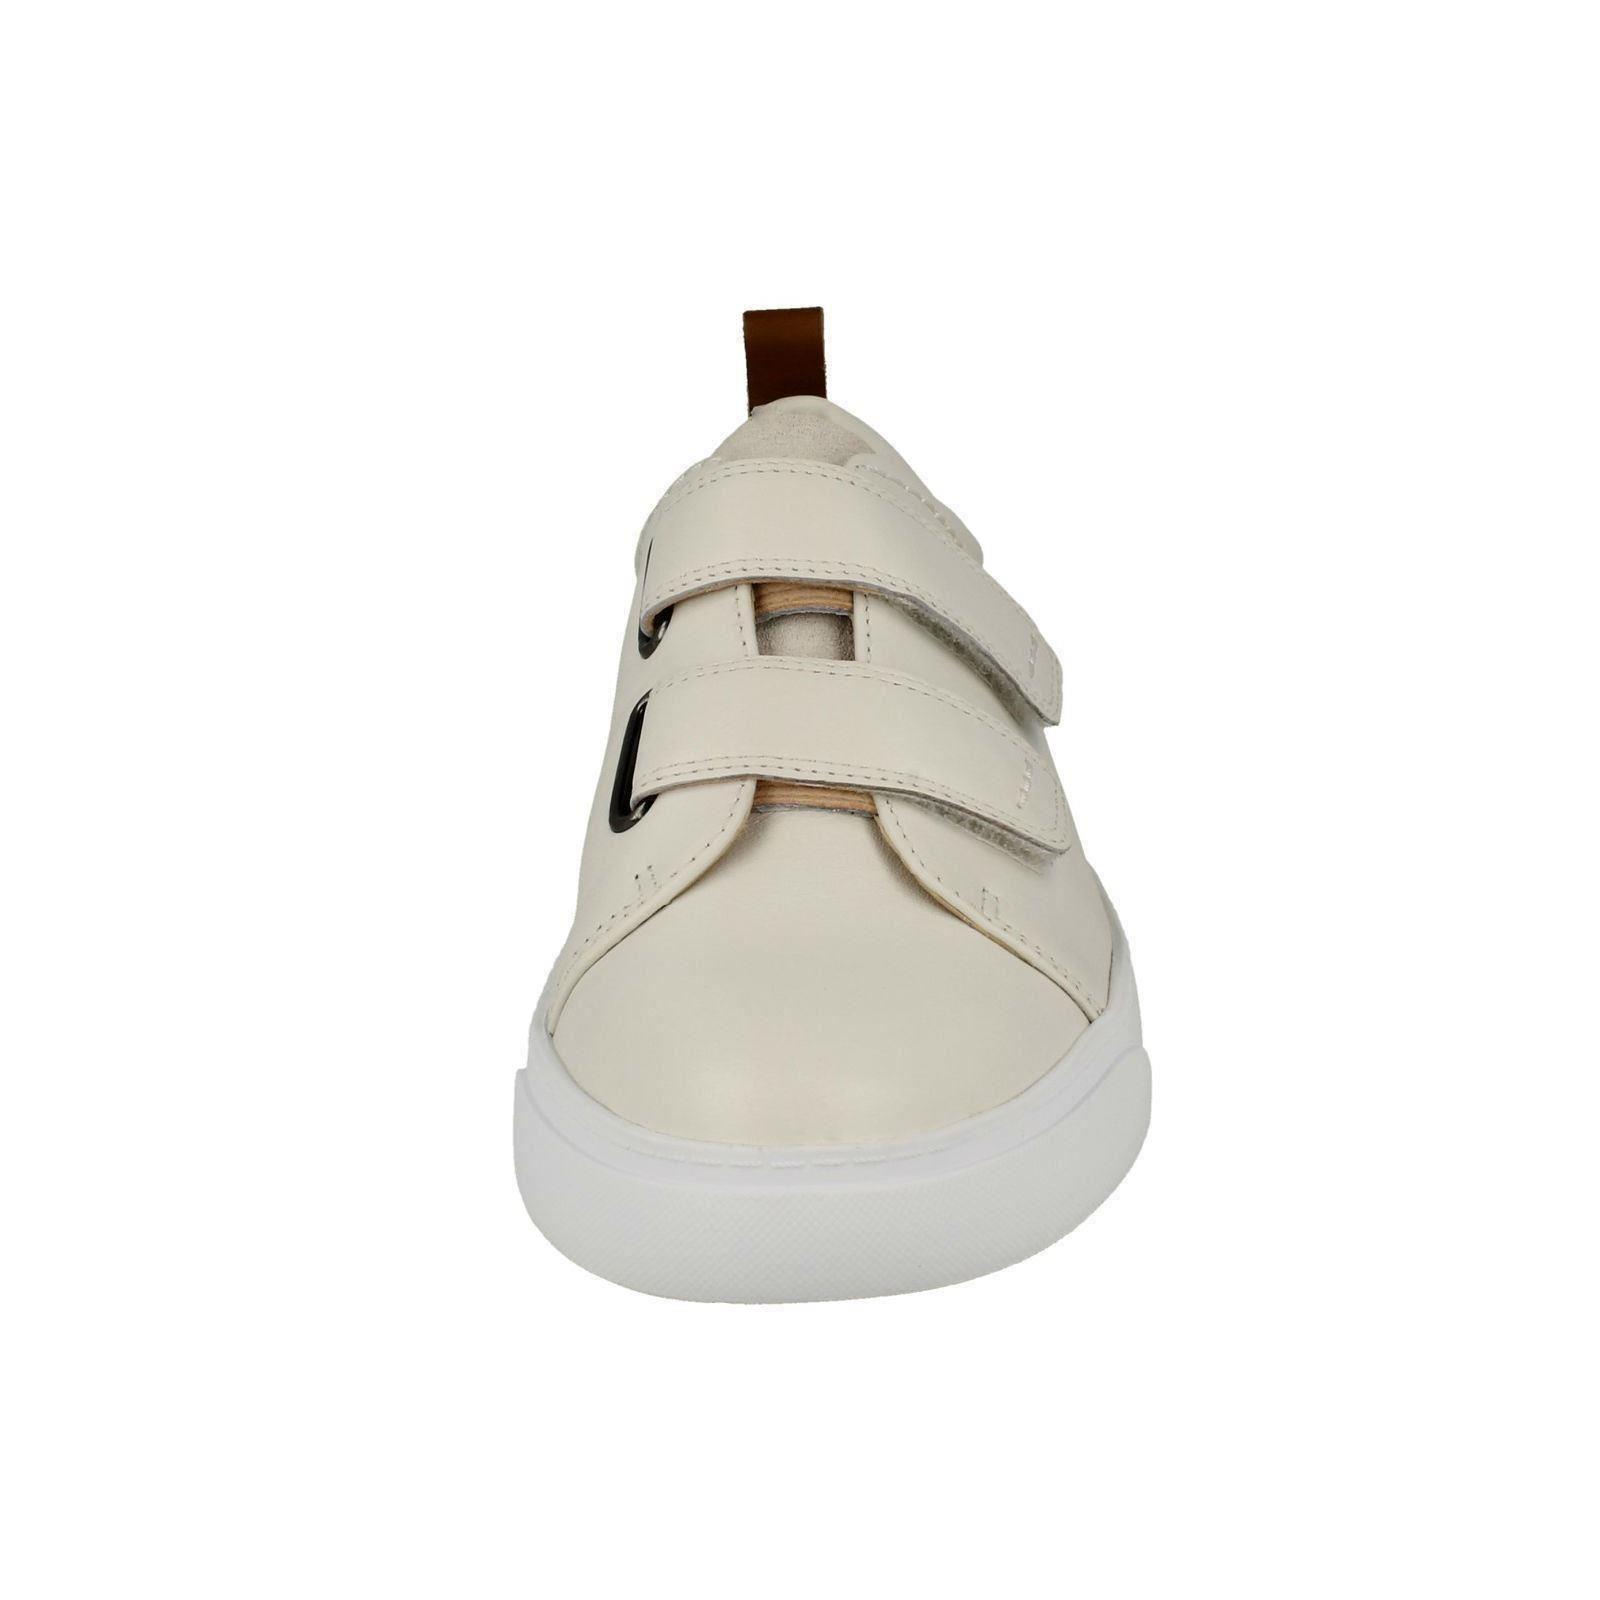 Sandali Donna Clarks Casual Riptape Sportivo Scarpe Da Ginnastica Stile Scarpe Di Pelle-Guanto Daisy